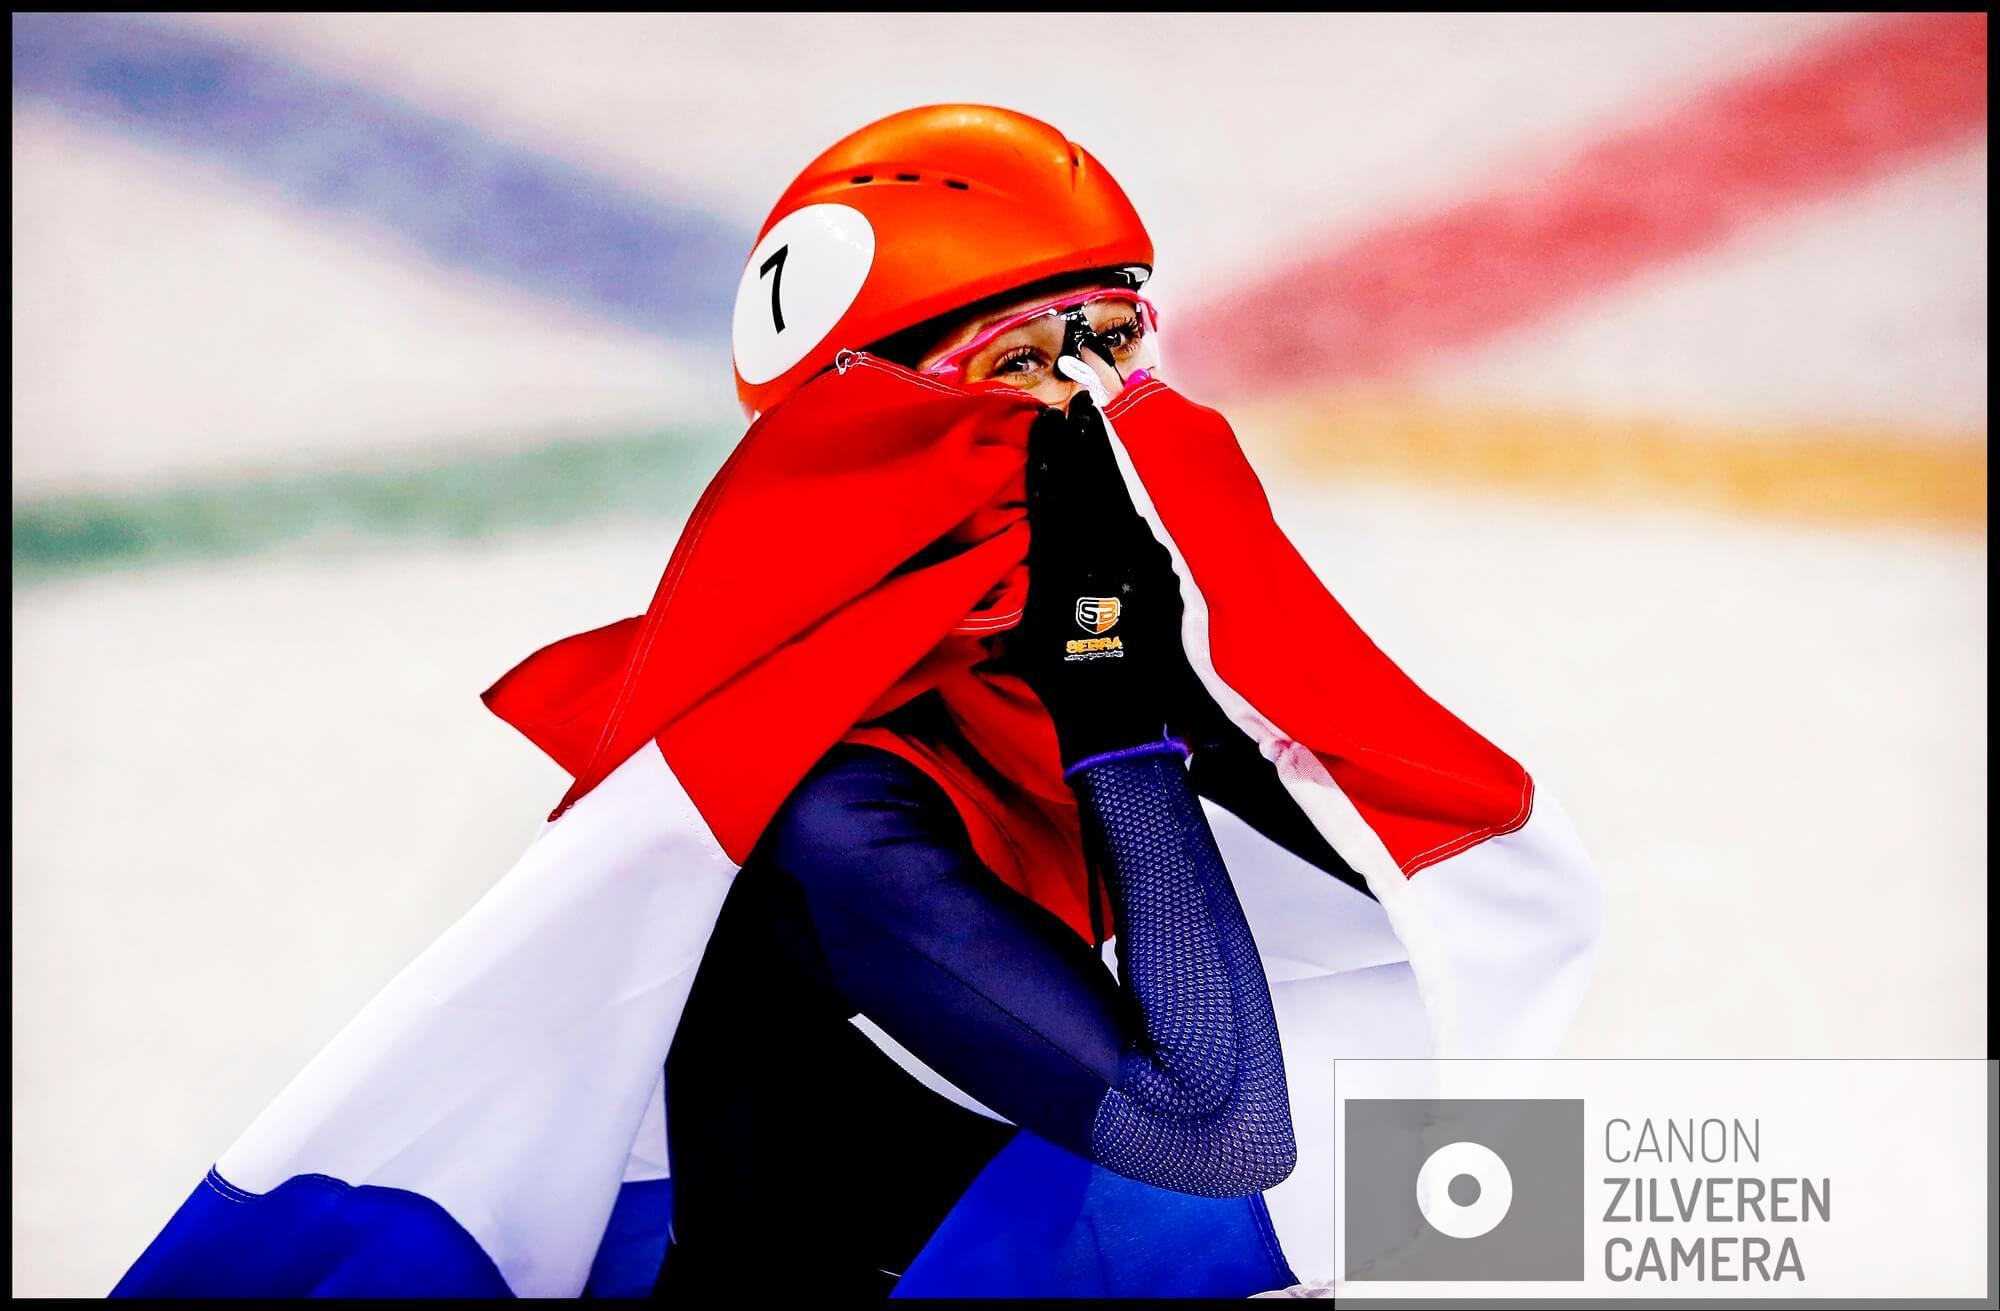 Serie Suzanne Schulting; Van Olympische val tot Sportvrouw van het Jaar. Olympische Winterspelen 2018Zuid-Korea, Gangneung, 22-02-2018FOTO 8Met het logo van de Olympische Spelen als molenwieken rond haar Oranje helm rijdt de verbouwereerde Schulting haar ereronde met de Nederlandse vlag om haar heen gedrapeerd.